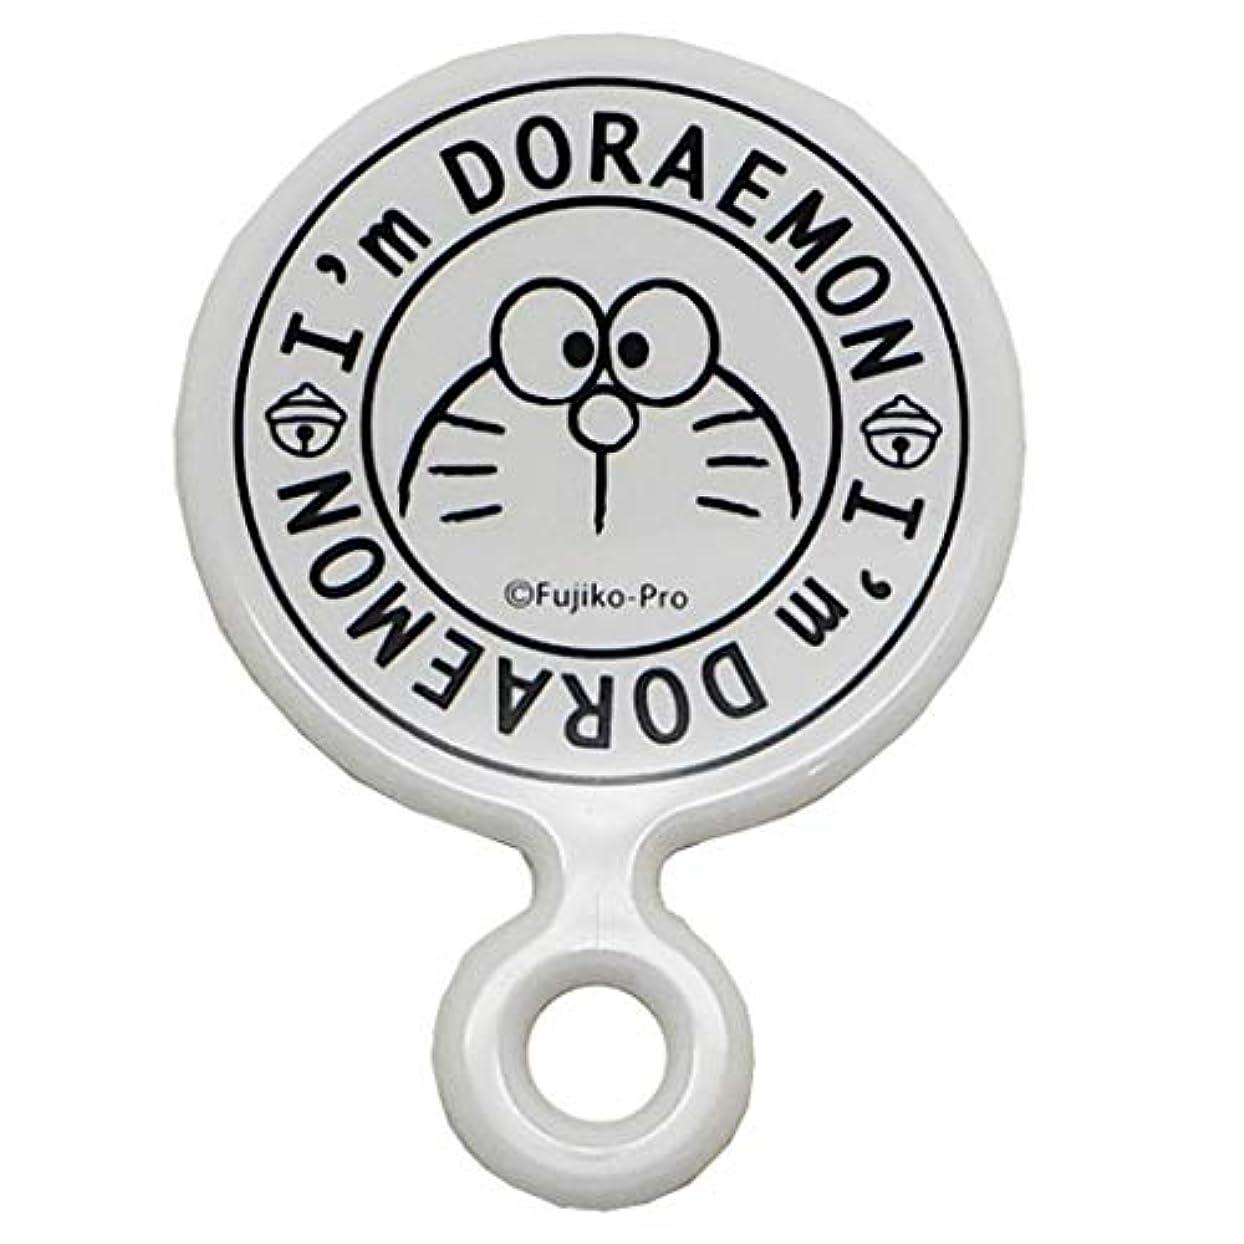 ドラえもん[手鏡]ミニハンドミラーS/ホワイト サンリオ